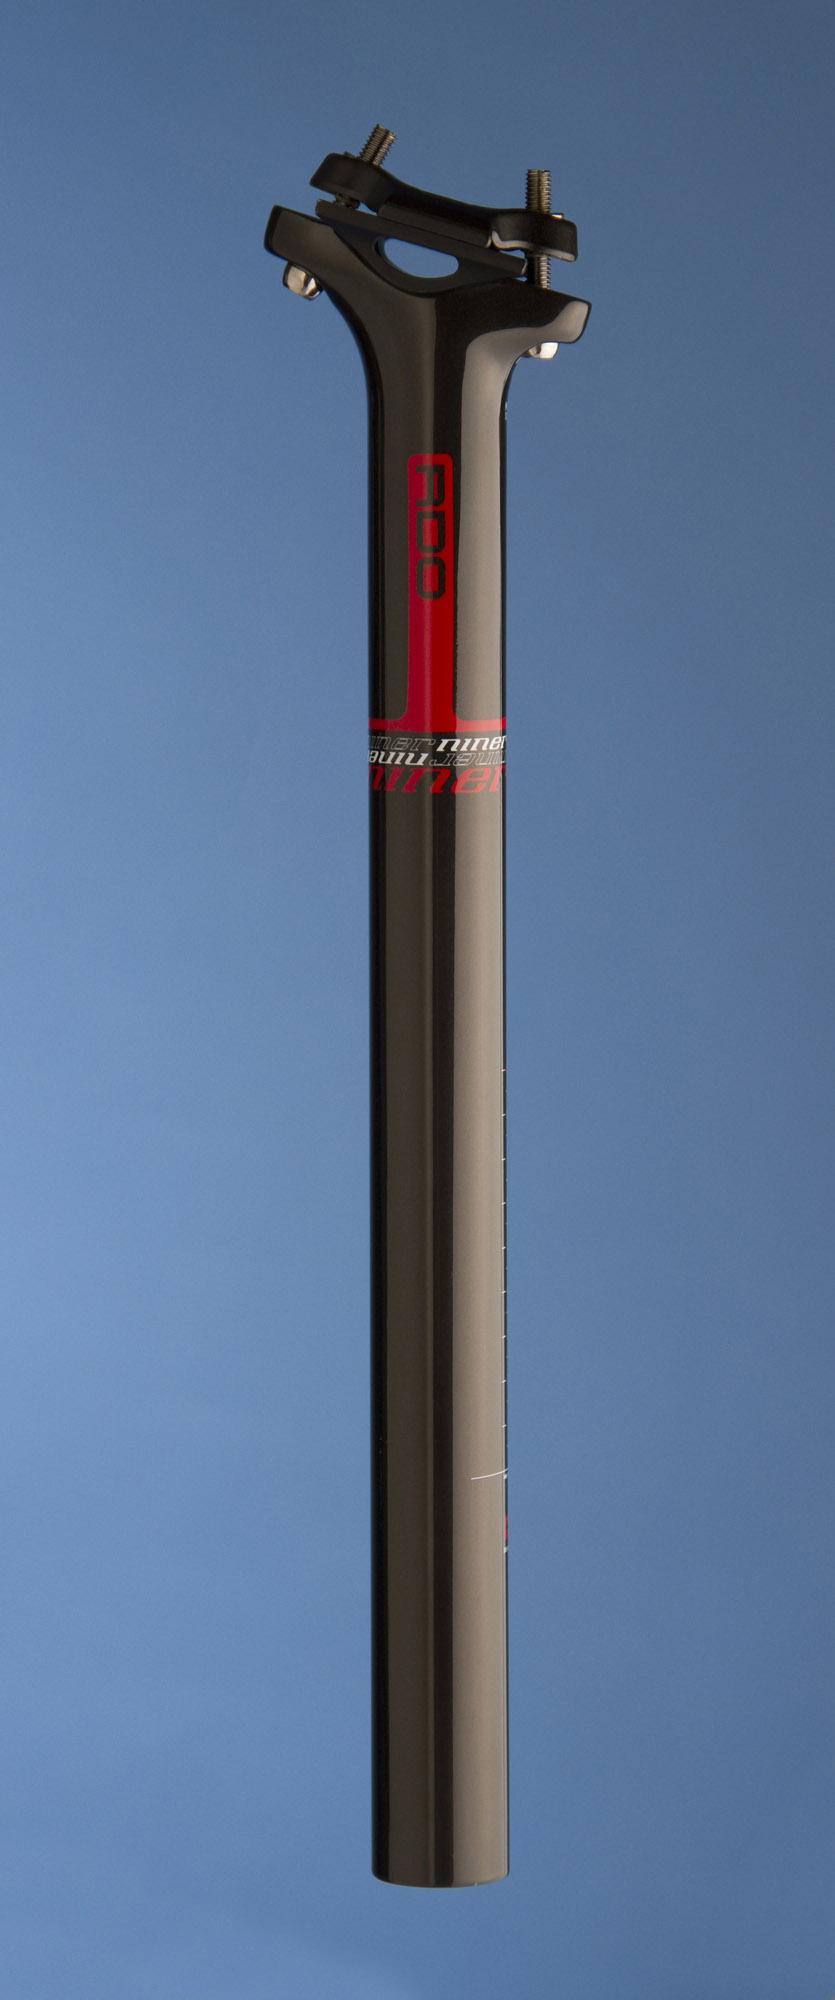 Niner RDO Seatpost Detail